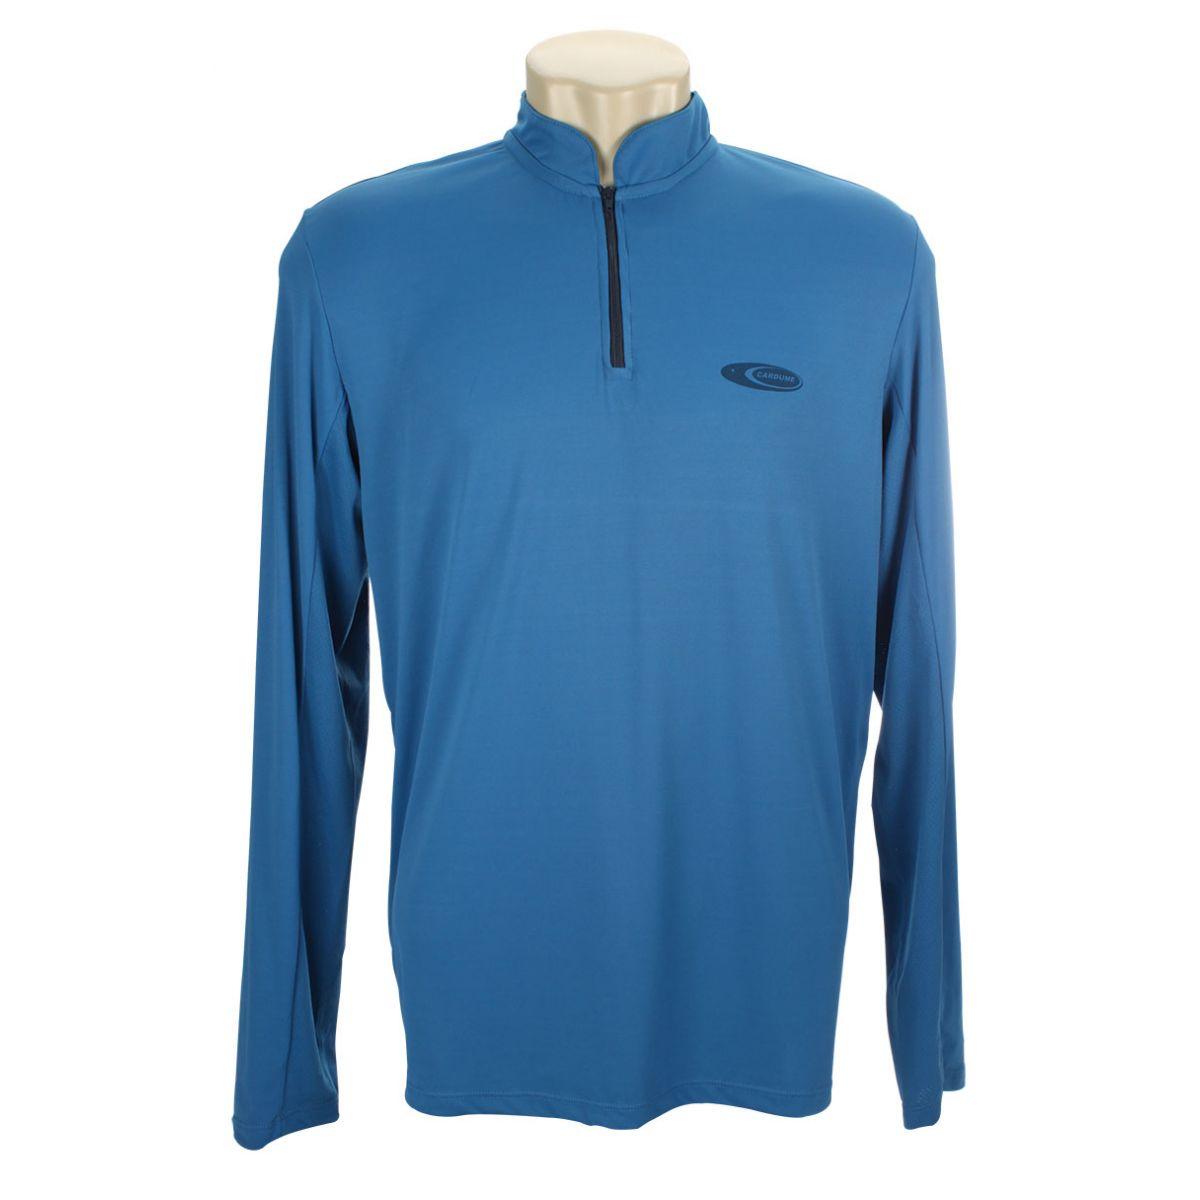 Camiseta Cardume Fisherman 50+FPS - Azul ou Areia  - MGPesca